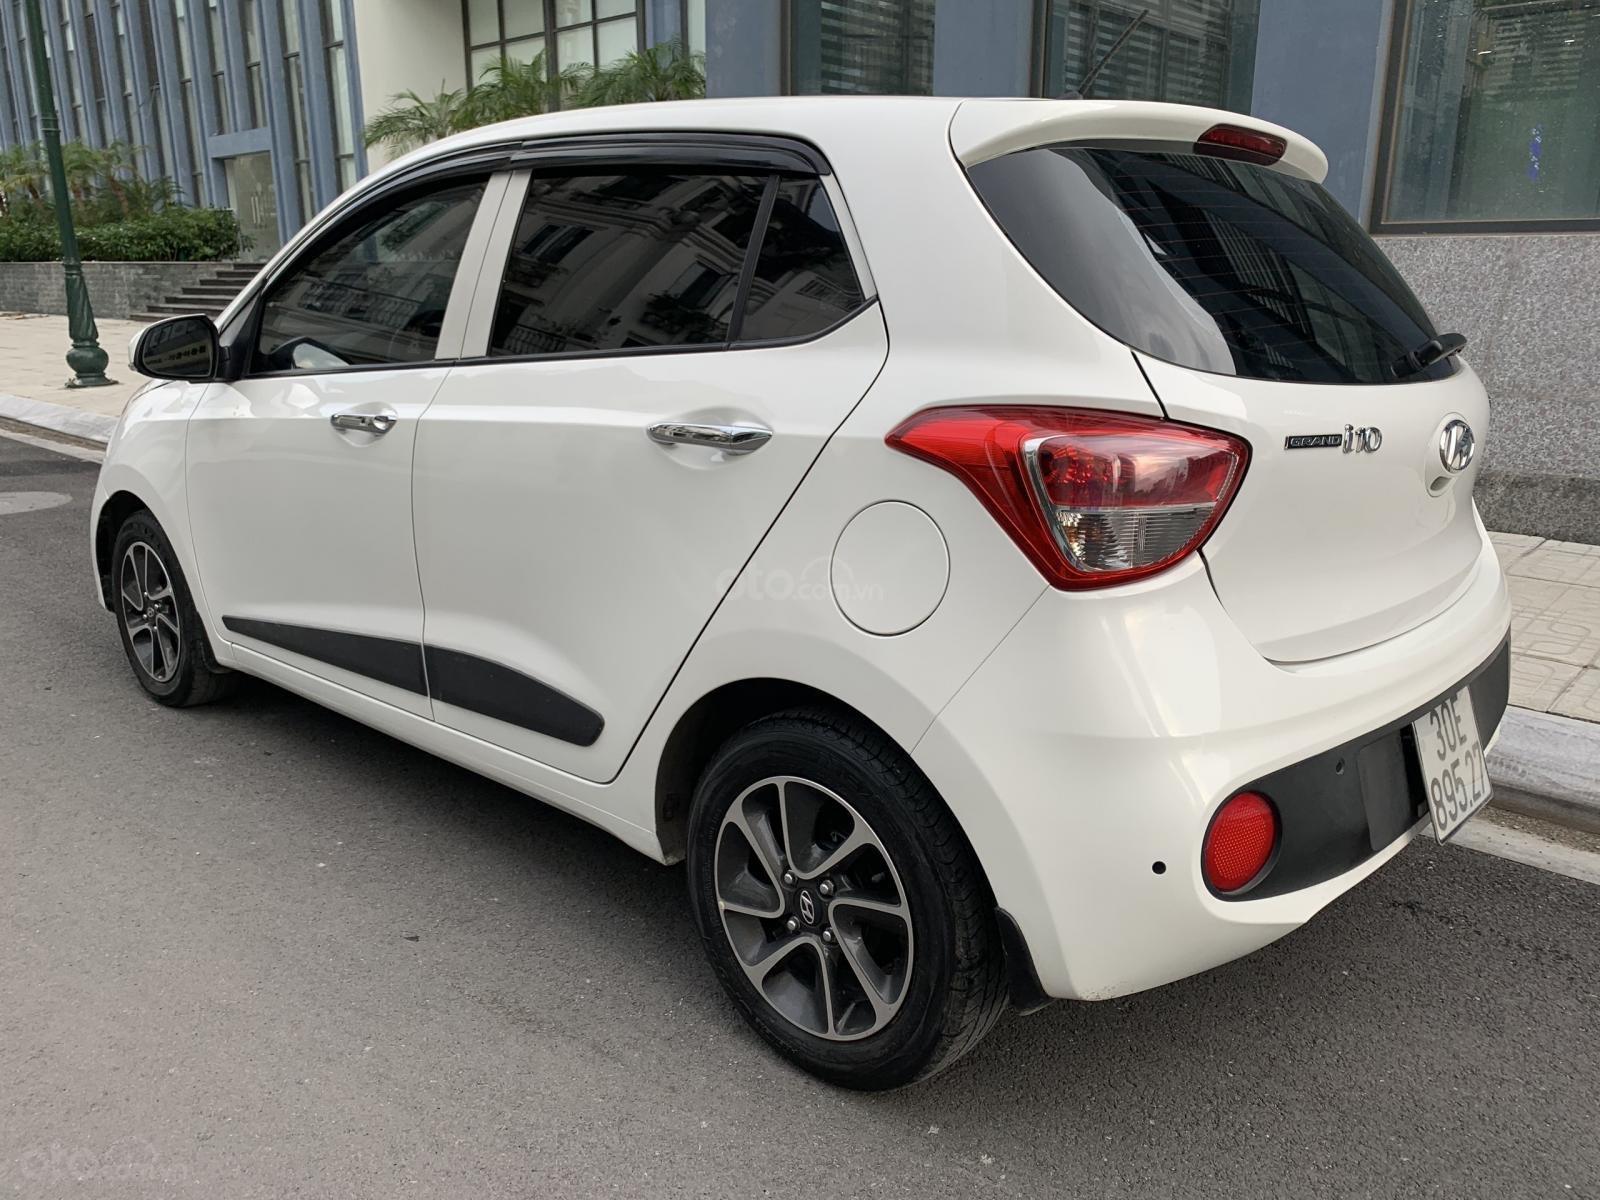 Cần bán xe Hyundai Grand i10 1.2AT Hatchback sản xuất 2017, màu trắng, nhập khẩu nguyên chiếc, 390tr (4)